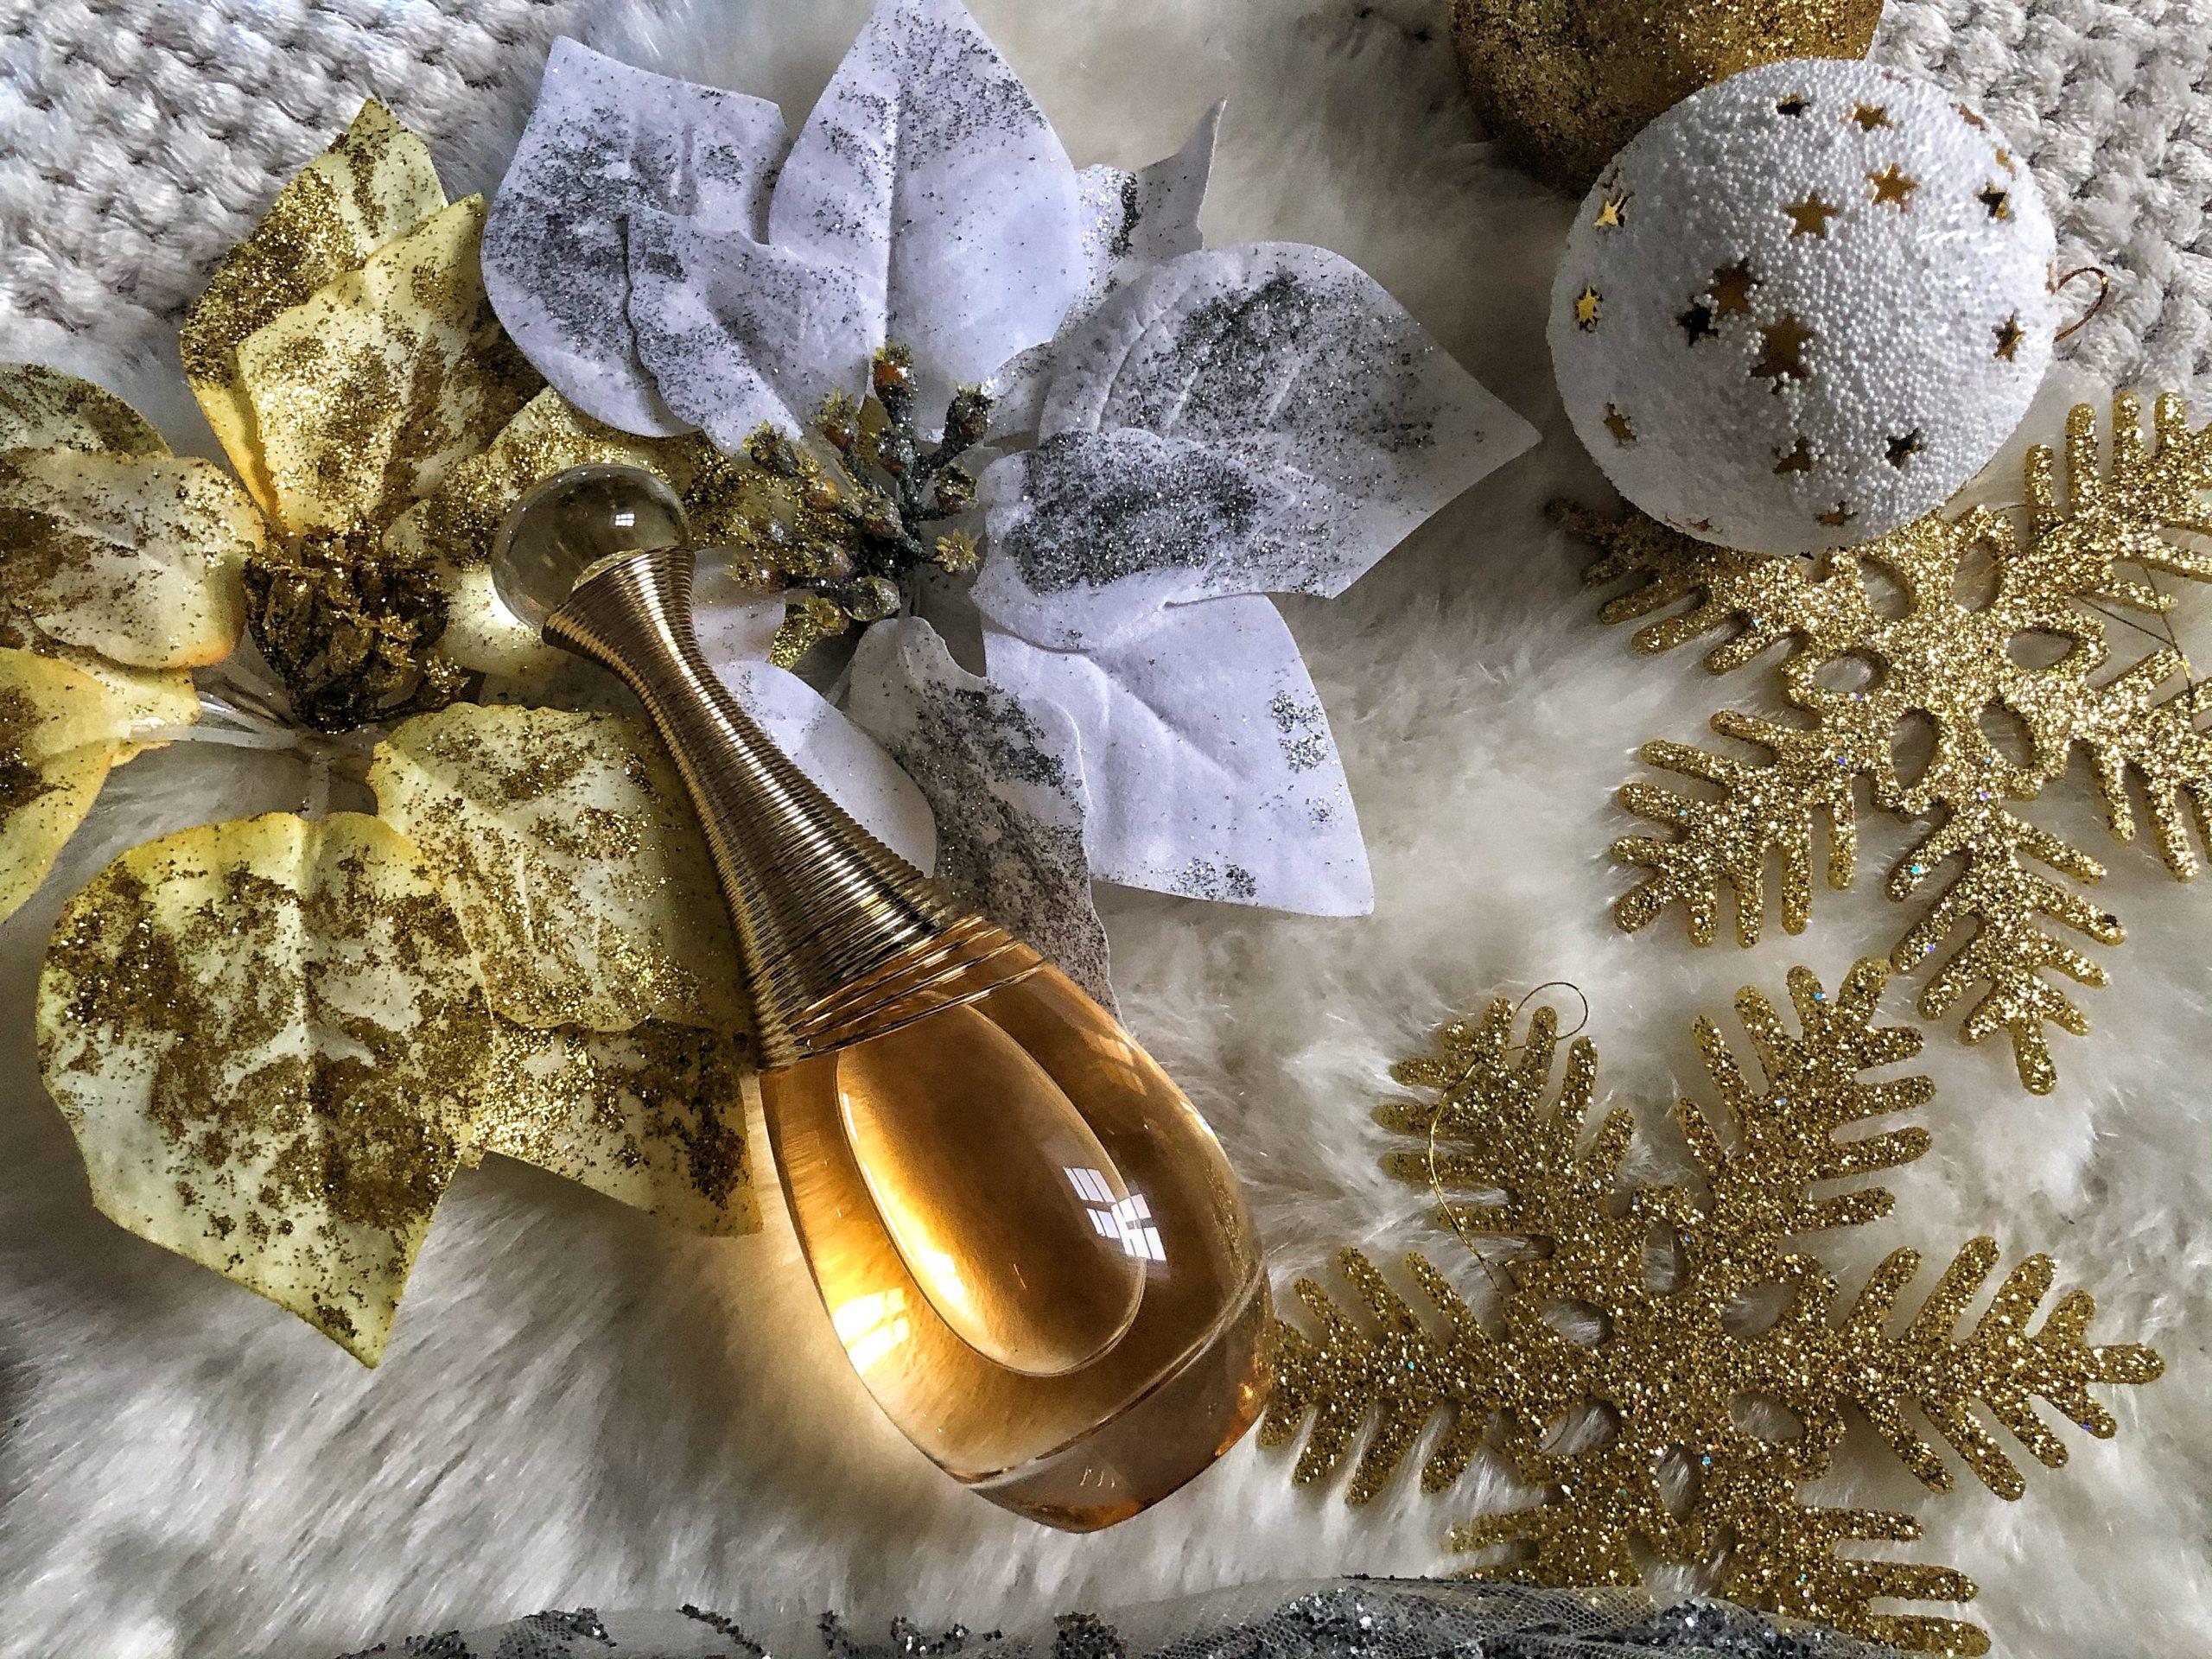 Jadore parfum di Dior: la fragranza che vi porta in un mondo incantato